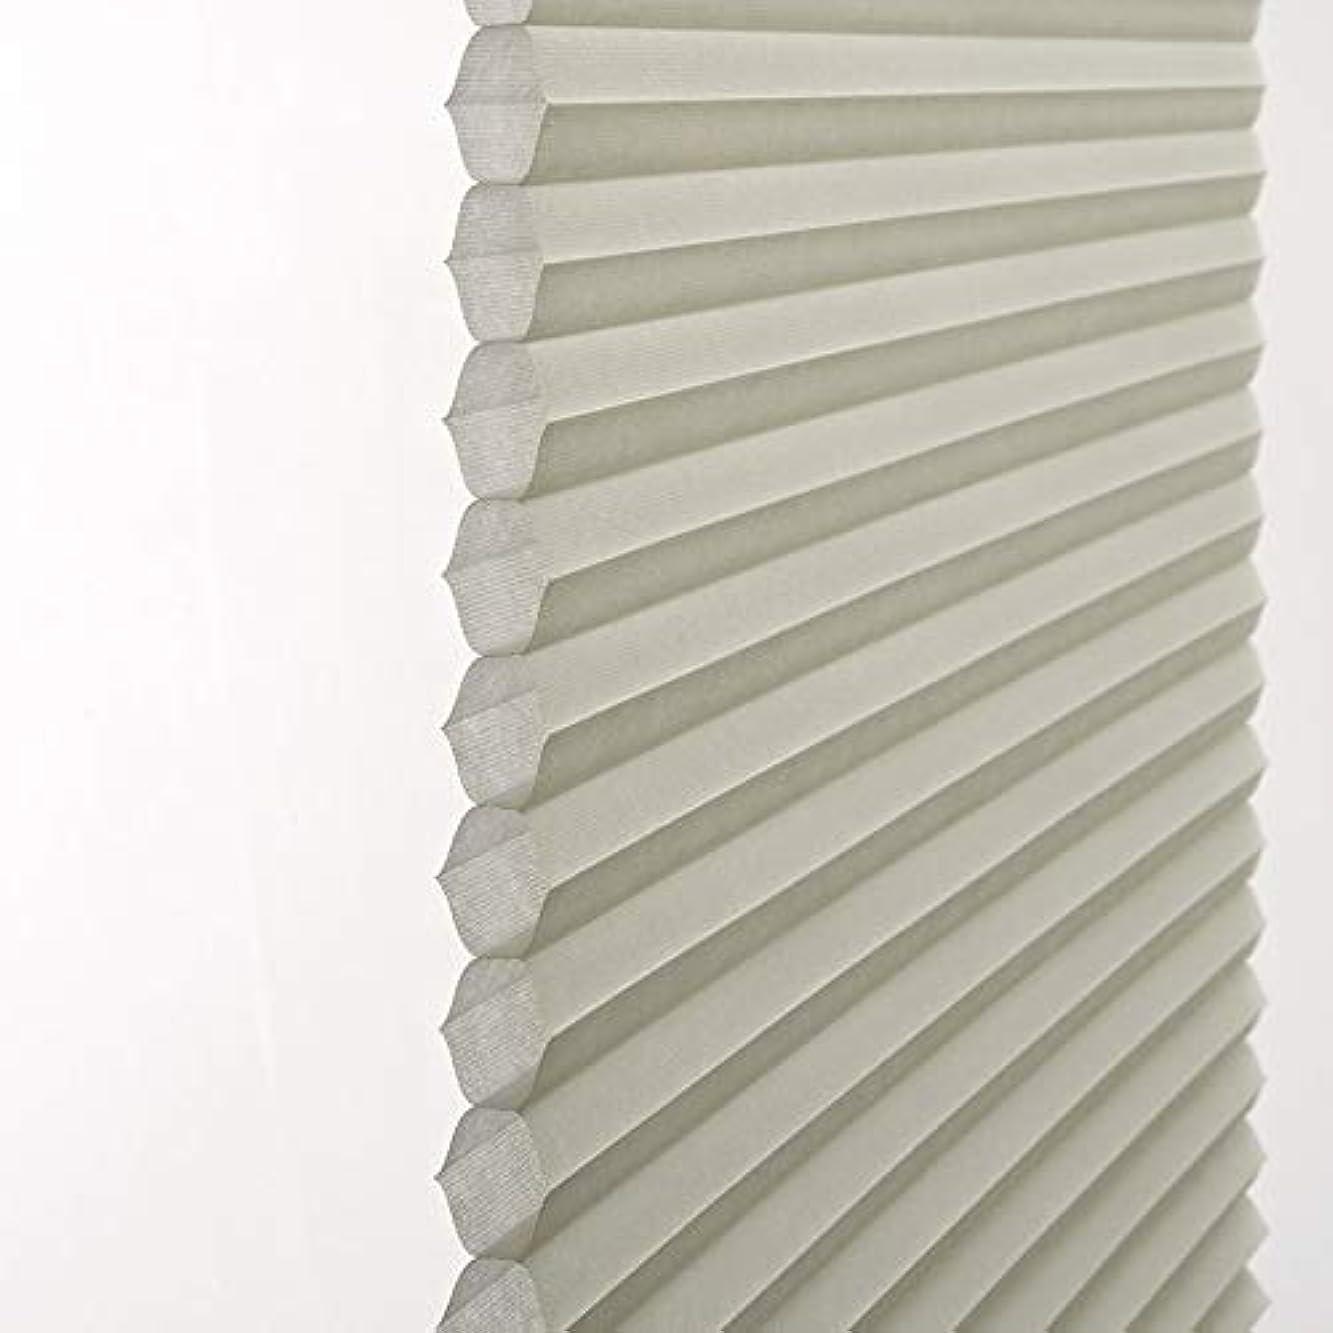 み階下シャベルeeHaus ロールスクリーン 遮光1級 遮熱 断熱 防炎 ロール カーテン 遮光率99.9% ブラインド オーダーメイド